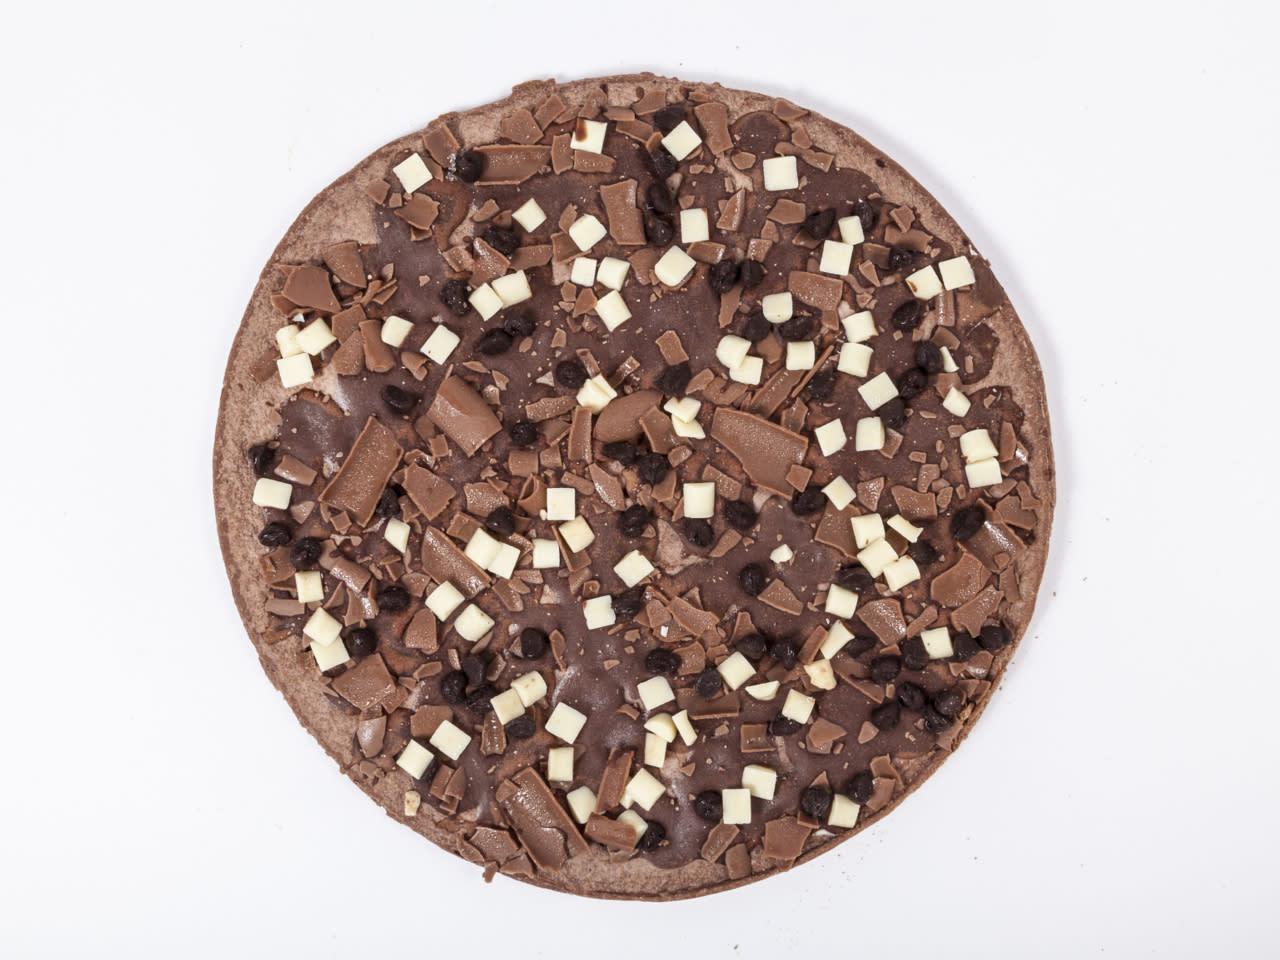 Dr. Oetker Schokoladenpizza